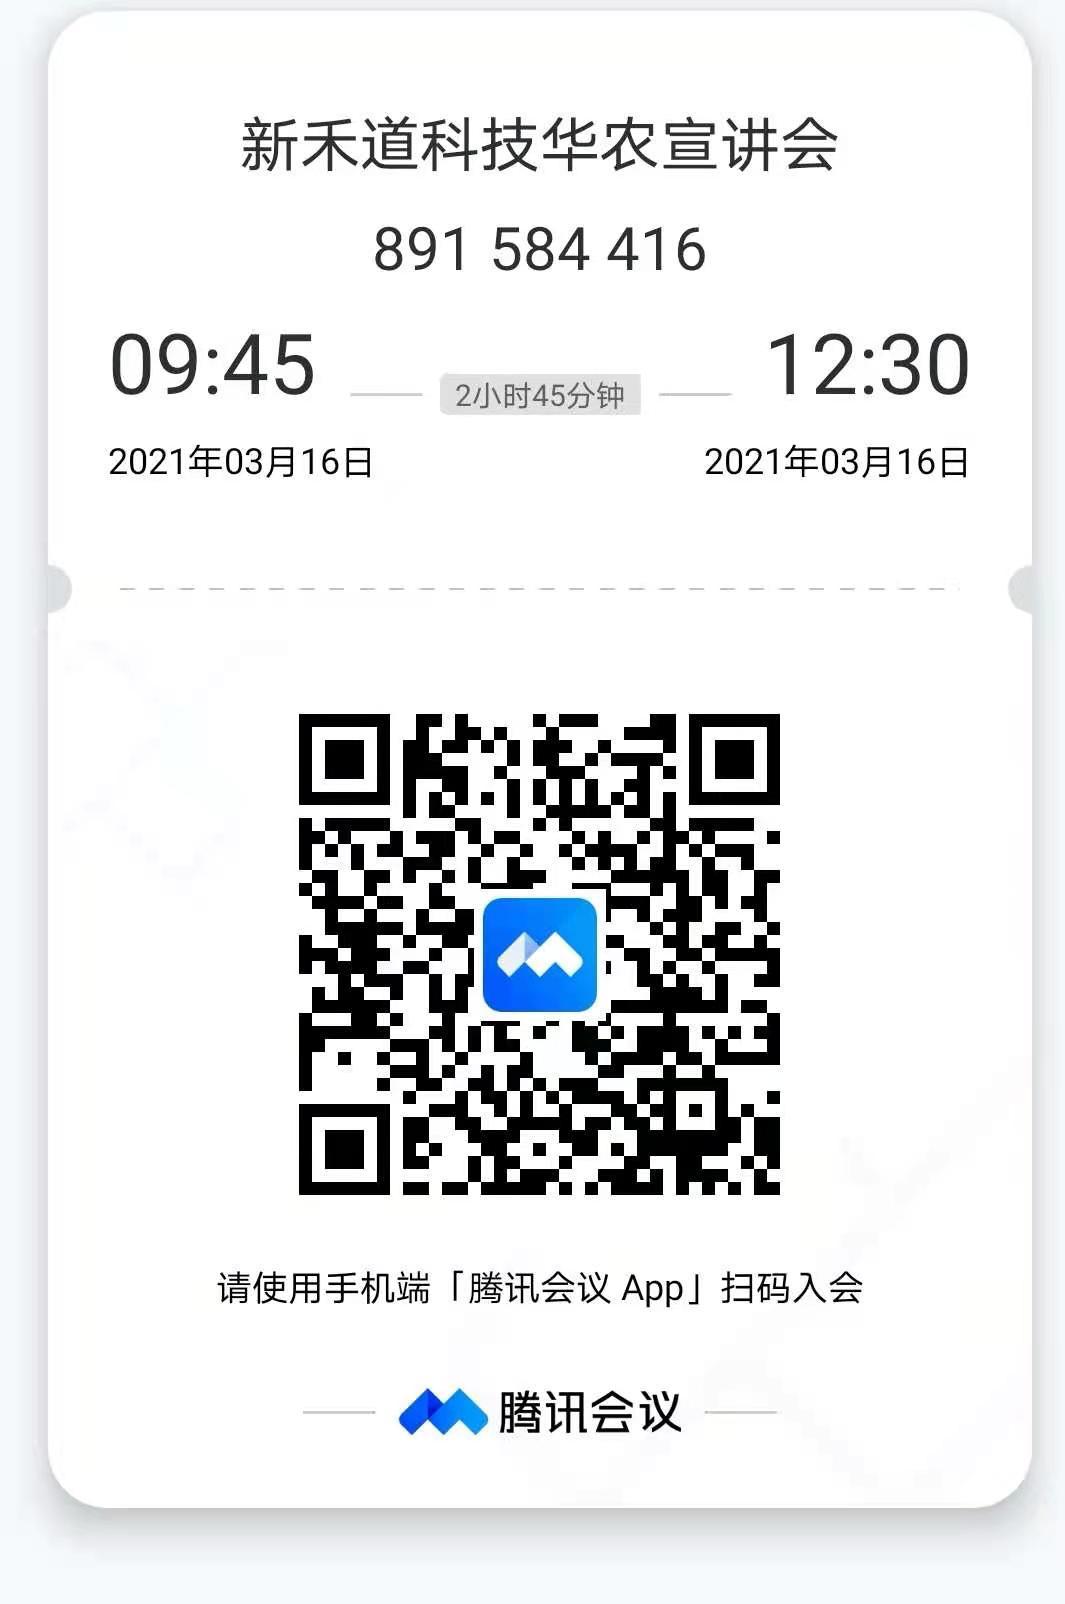 新禾道华中农业大学线上宣讲会二维码.jpg